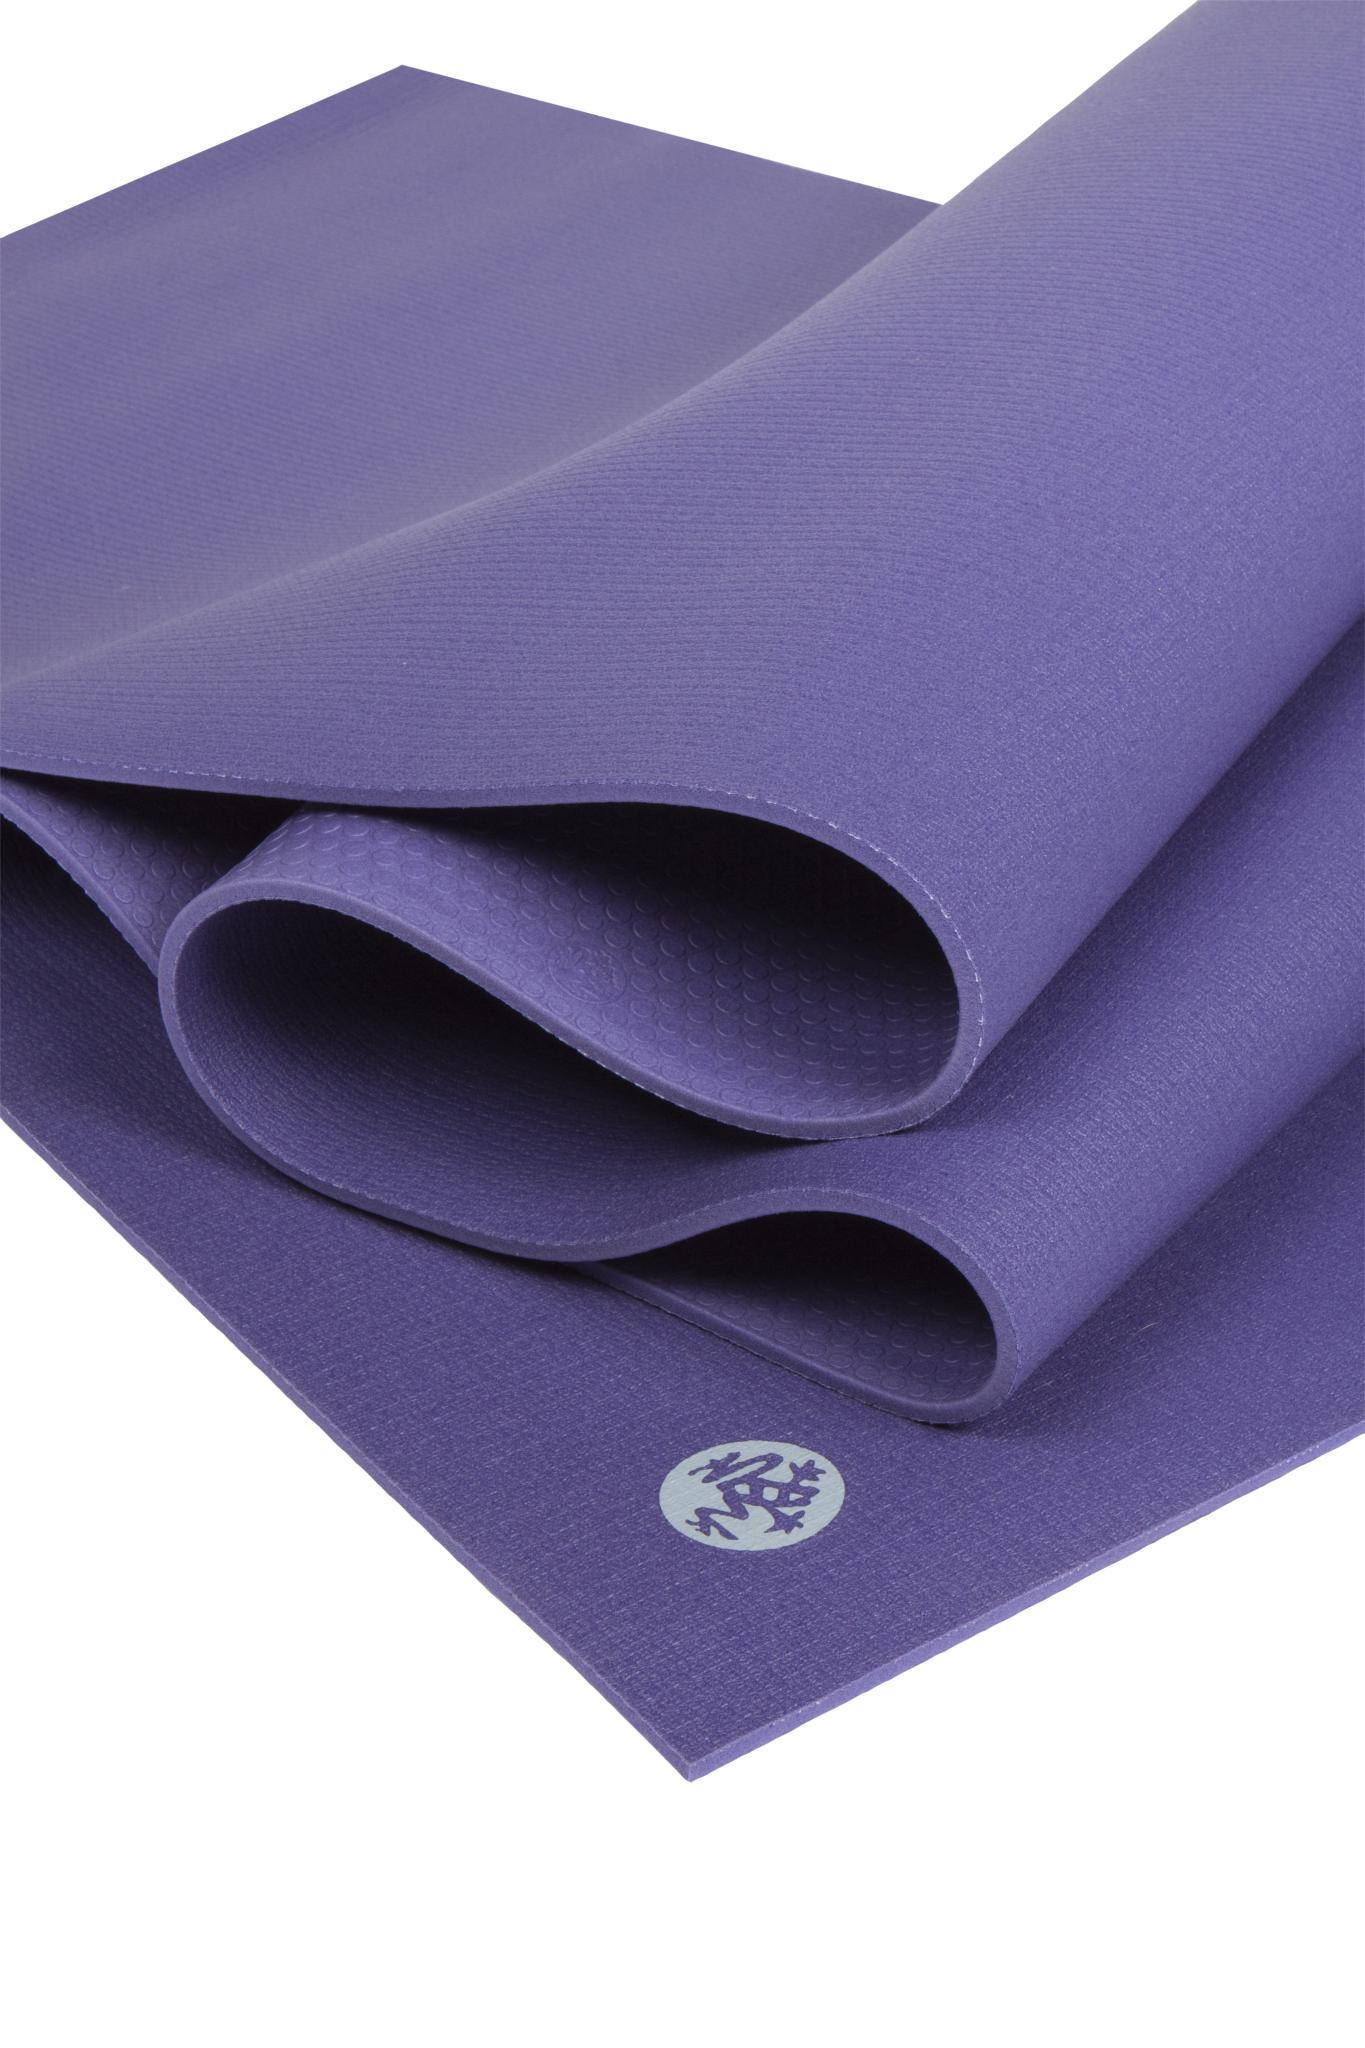 Коврик для йоги Manduka PROlite Mat 4,5мм (2.1 кг, 200 см, 4.5 мм, сиреневый, 60см (Purple))